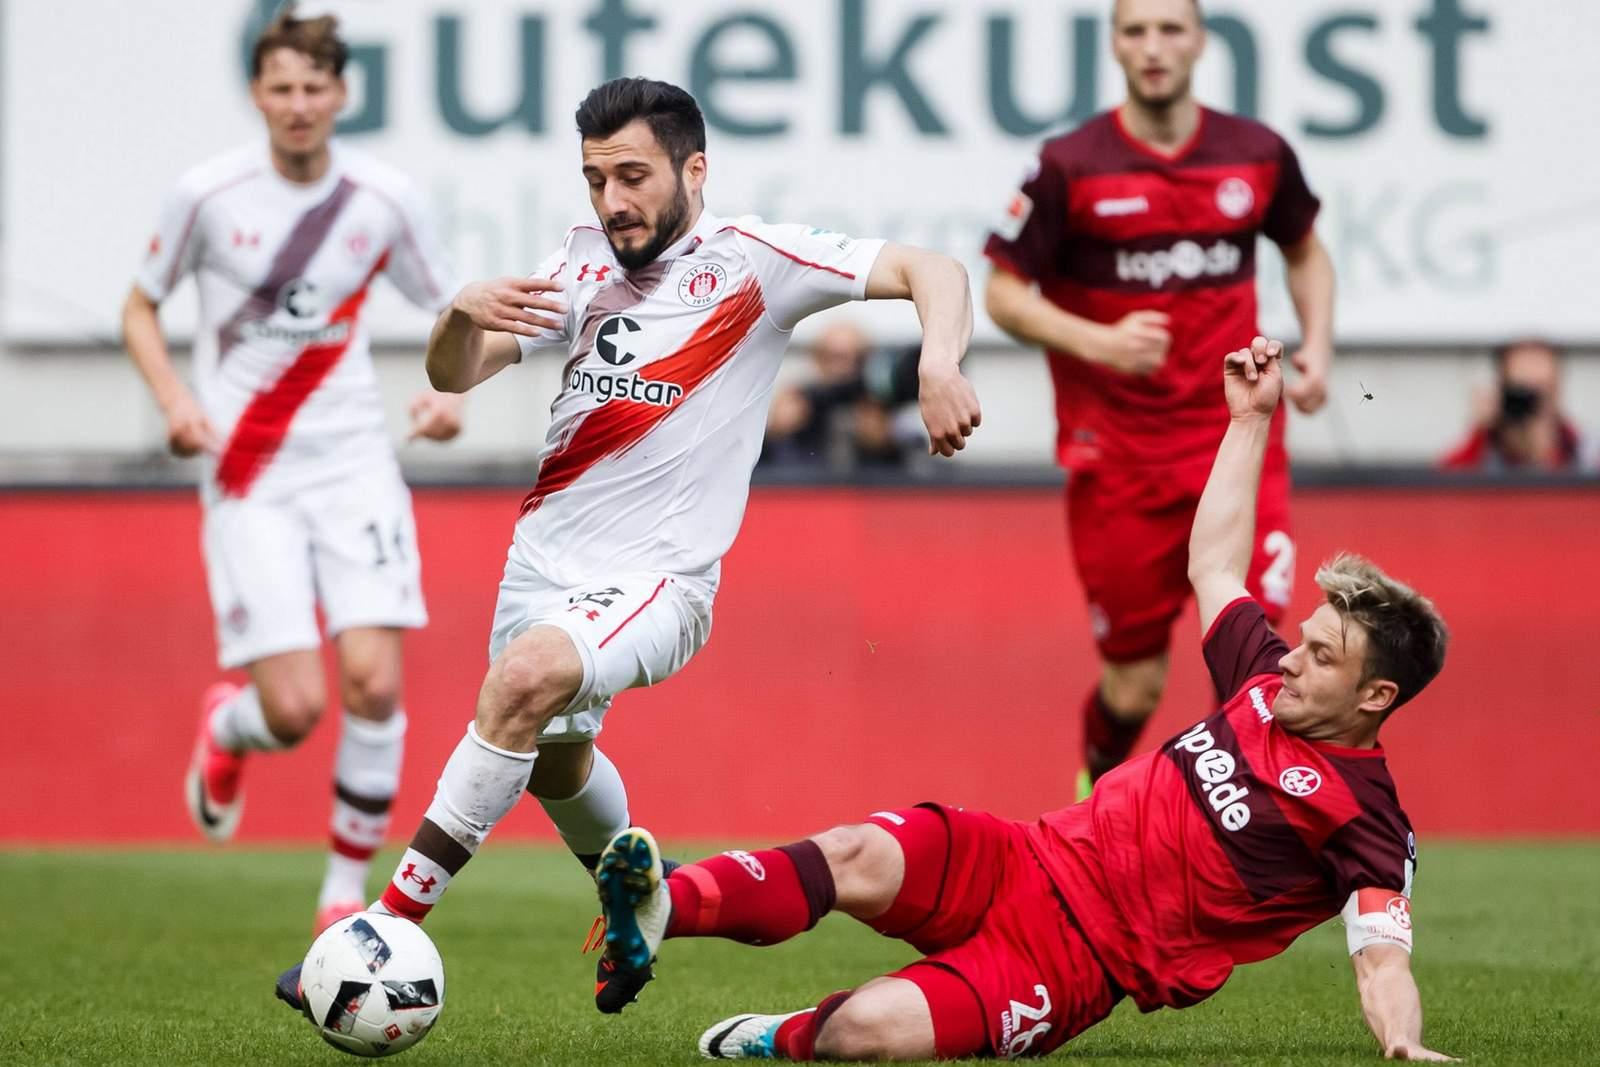 Setzt sich Sahin gegen Halfar durch? Jetzt auf St. Pauli vs FCK wetten